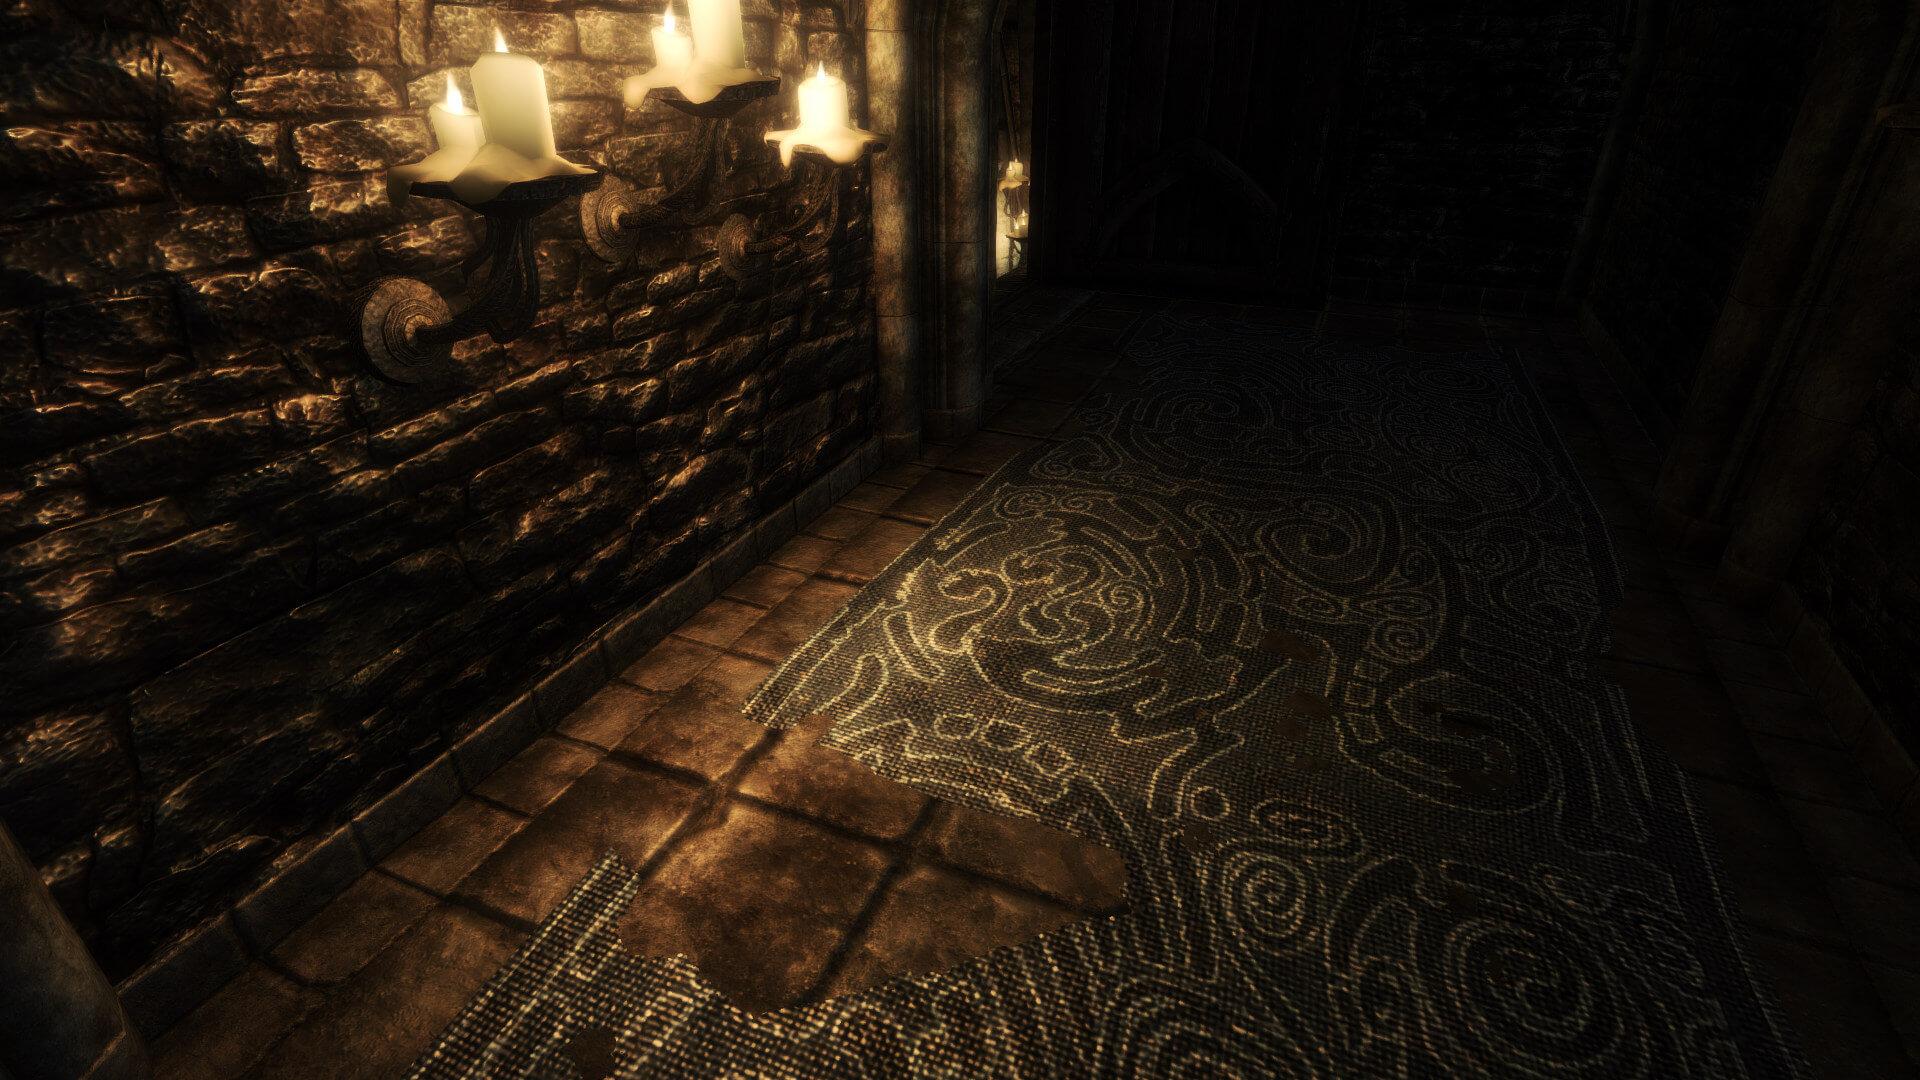 《上古卷轴5》高清材质包 大幅提升地下城环境画质